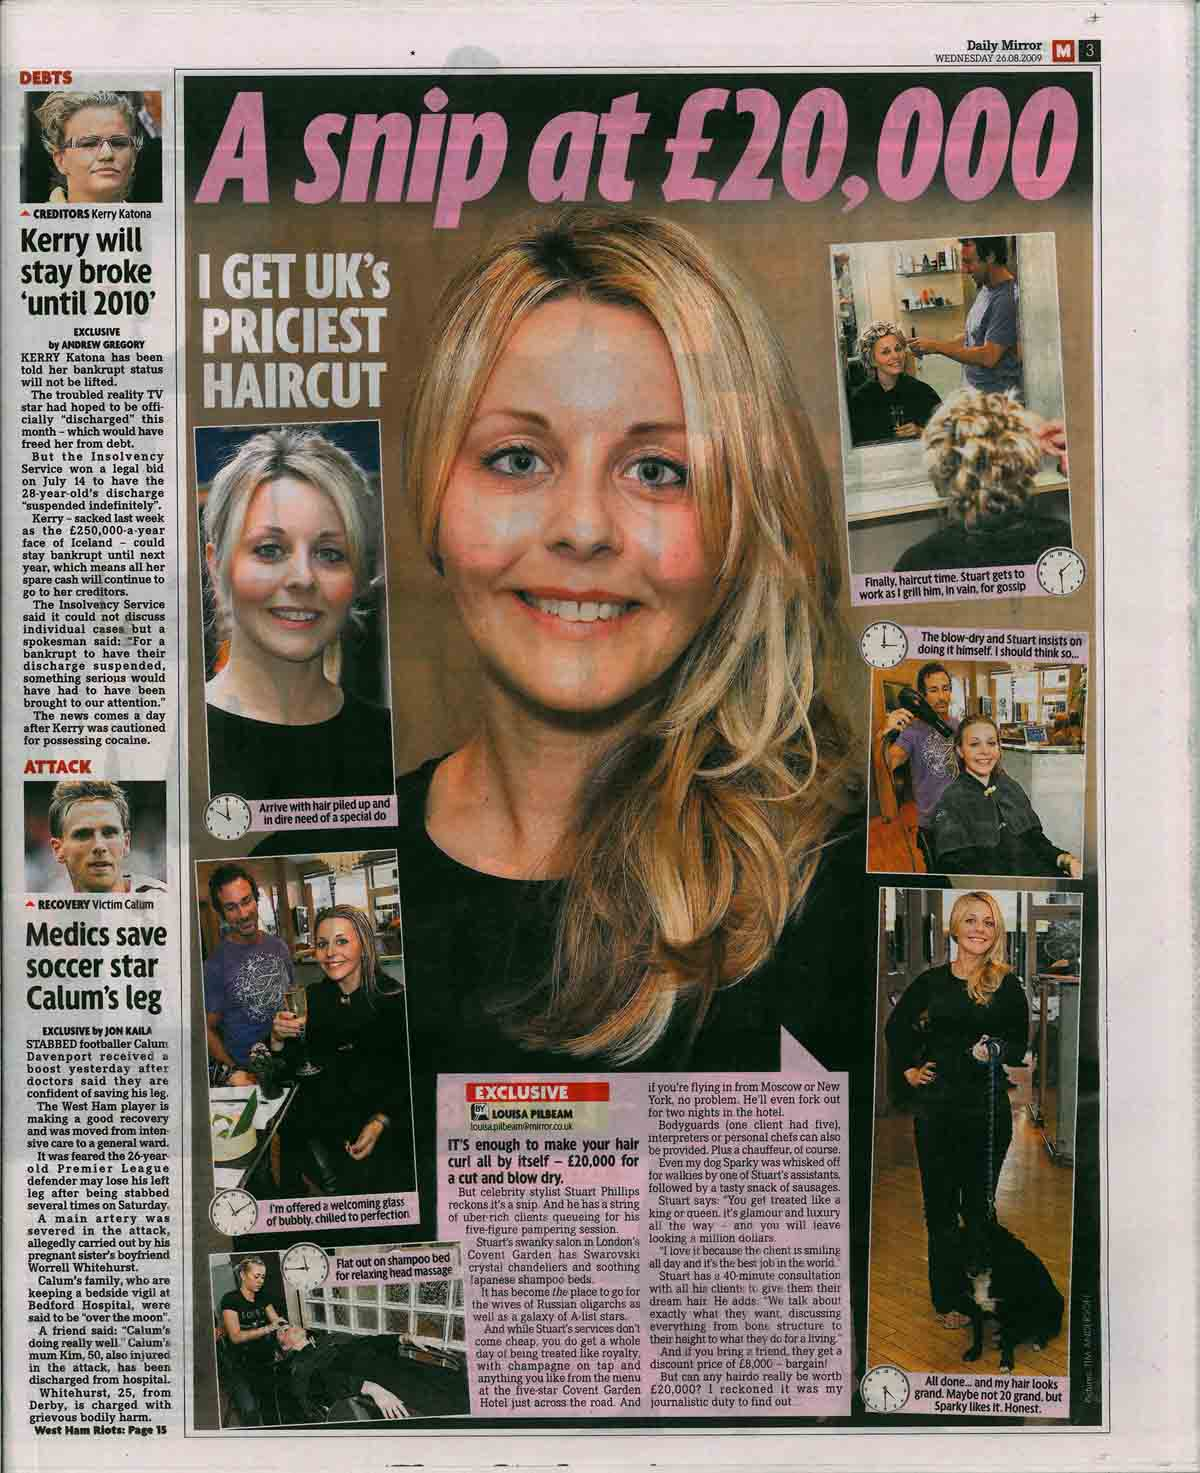 Daily Mirror 26-08-09 copy